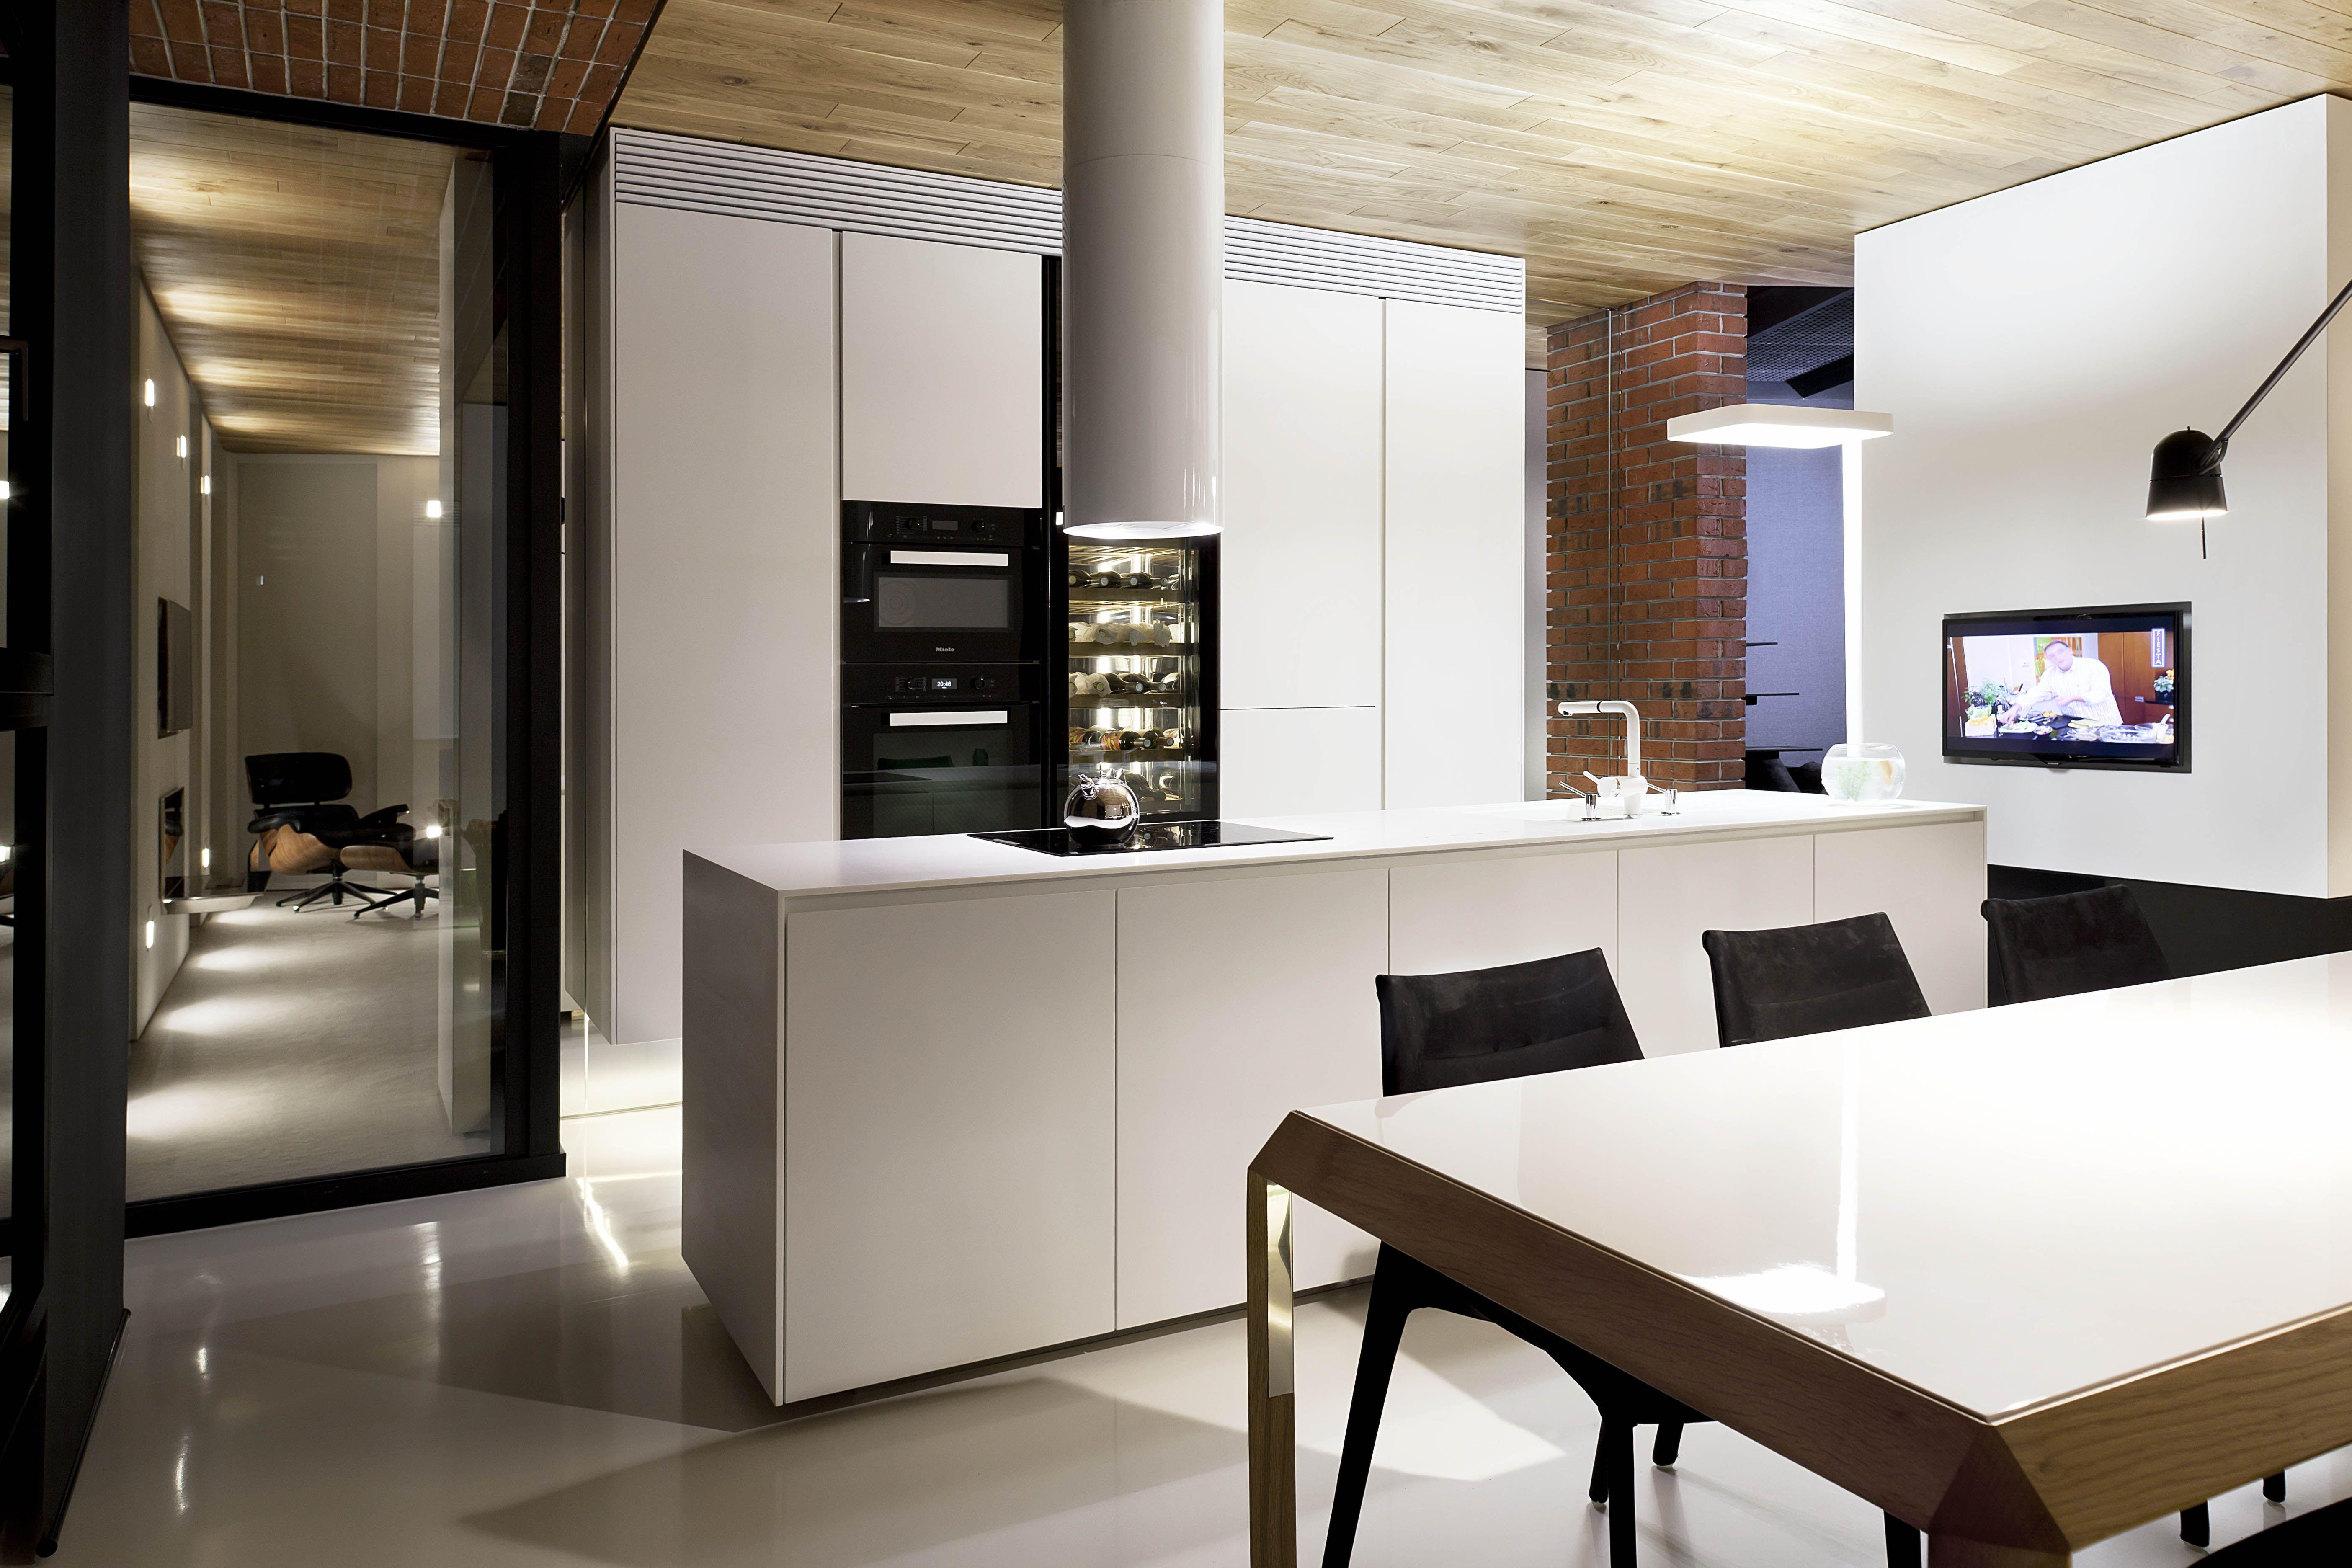 Luxury Modern Industrial Apartment Design. Sofia Bulgaria Red Apple  Building. Studio Mode Interior Design